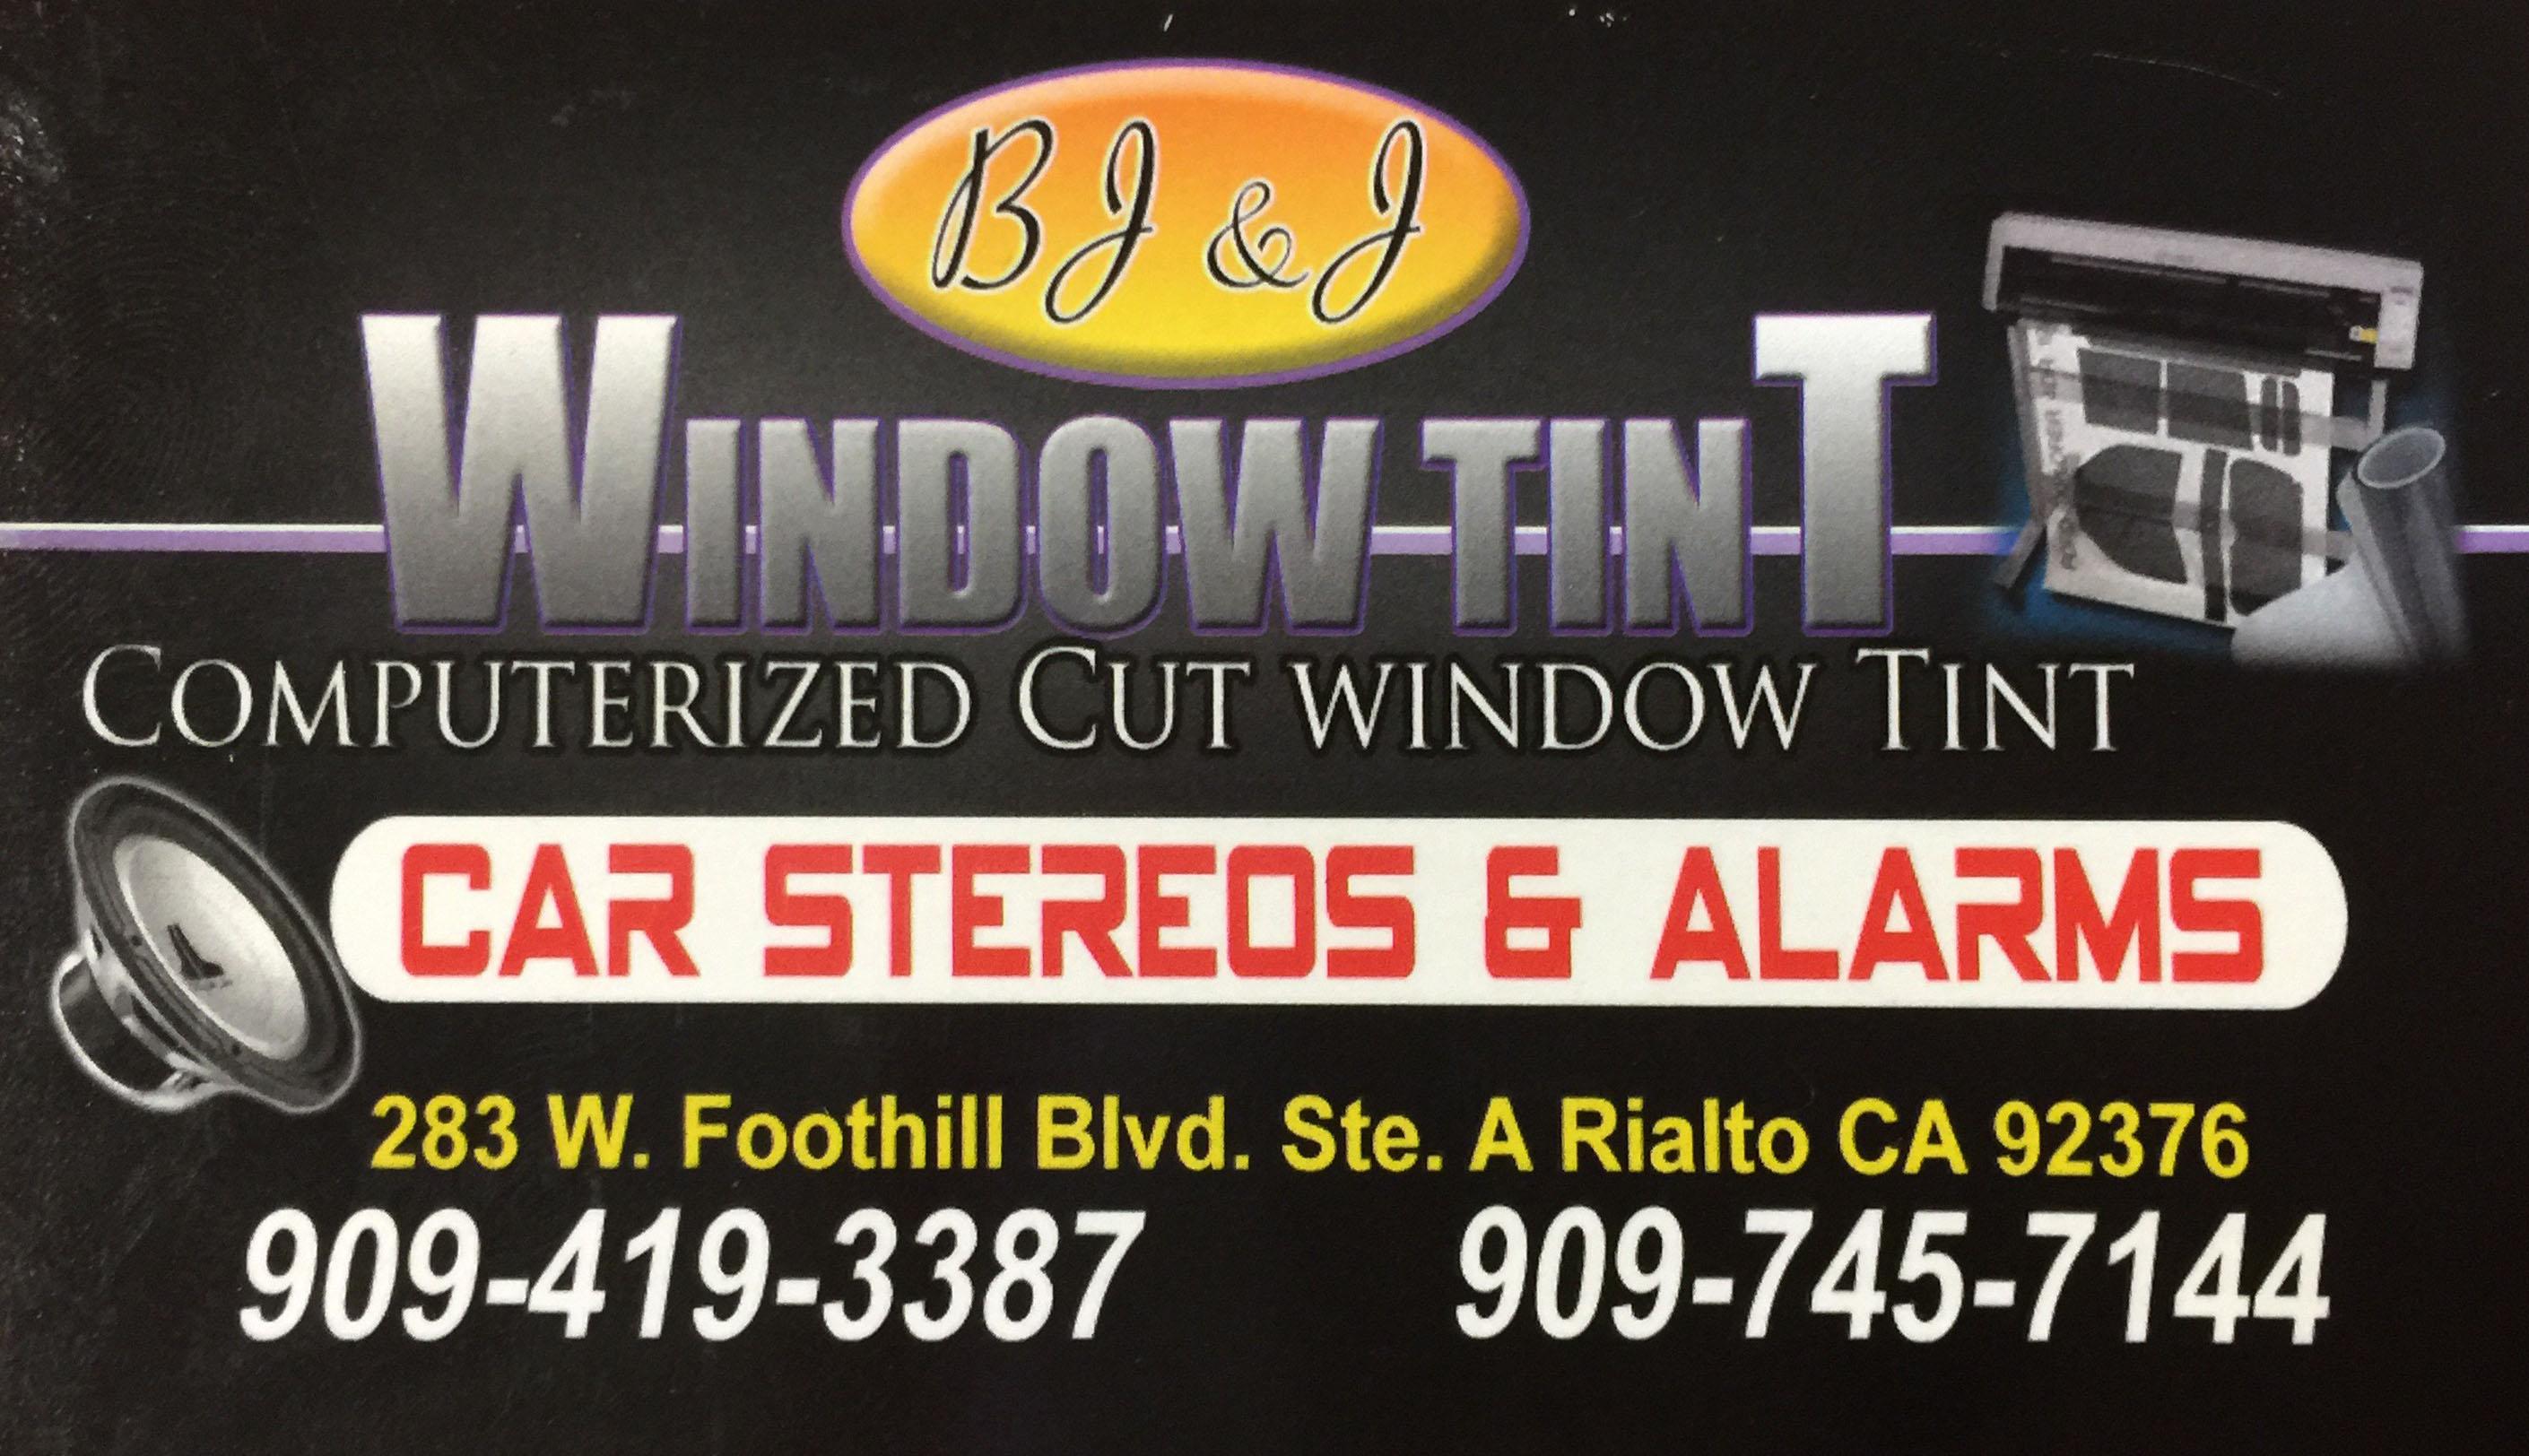 BJ&J Window Tint